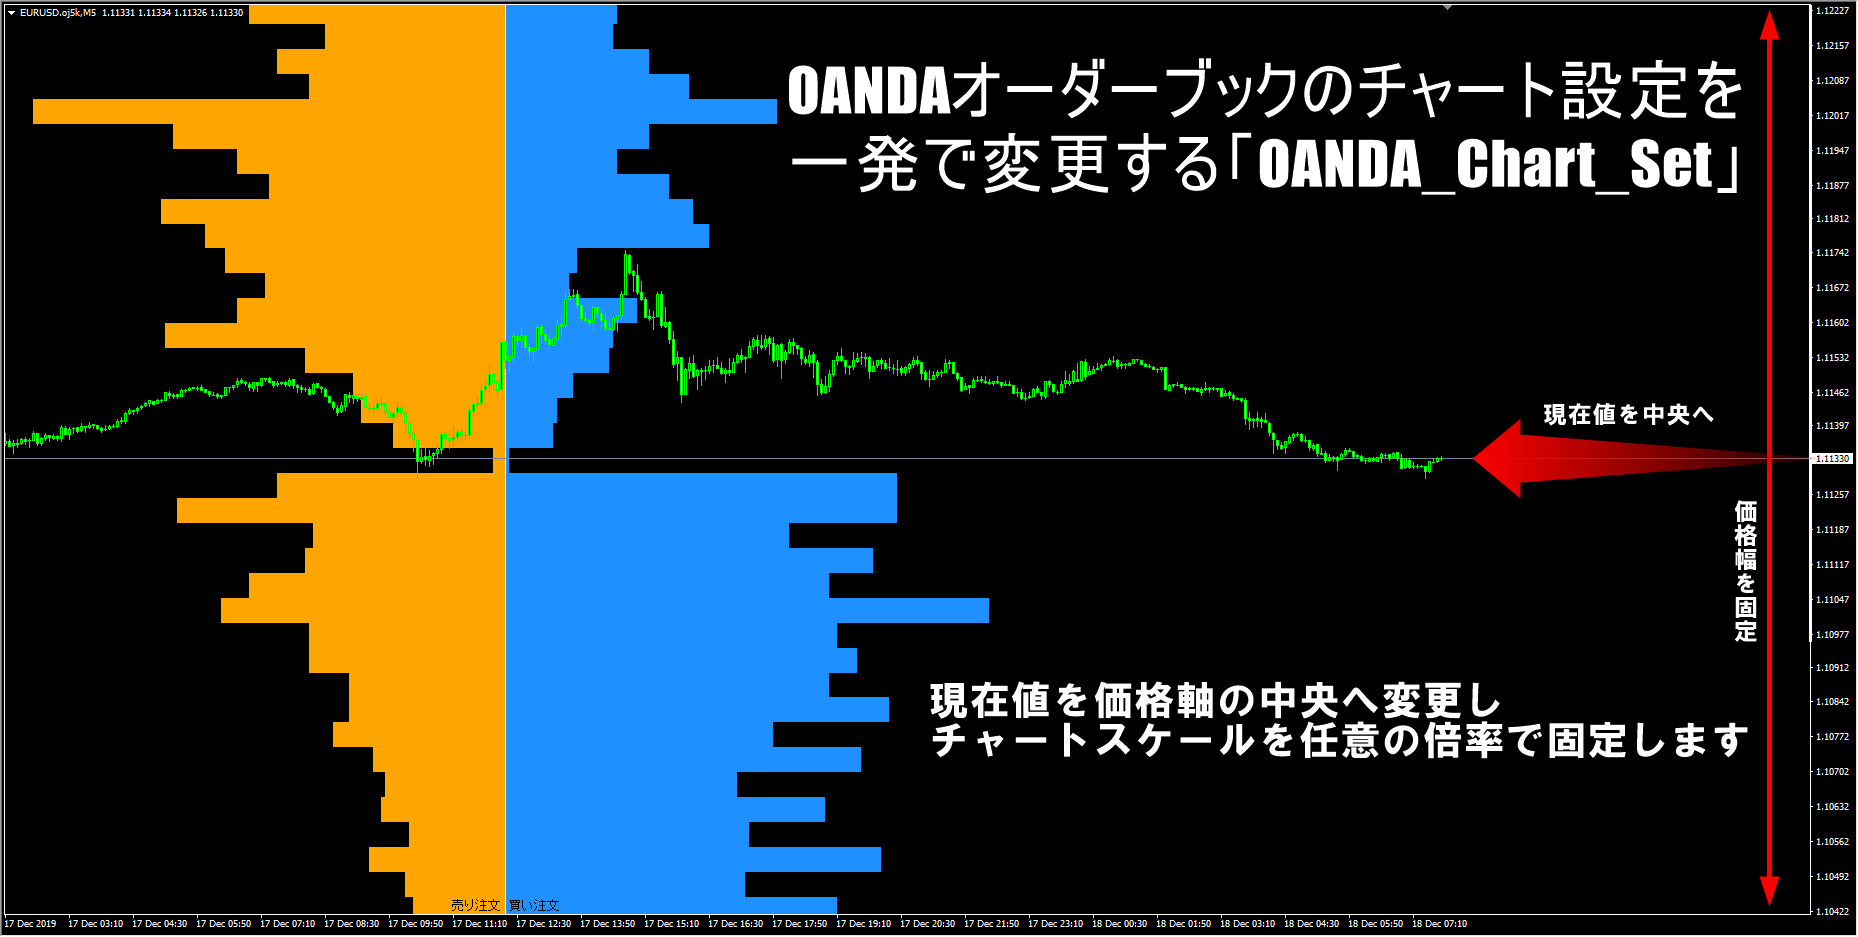 OANDAオーダーブックのチャート設定を一発で変更する「OANDA_Chart_Set」